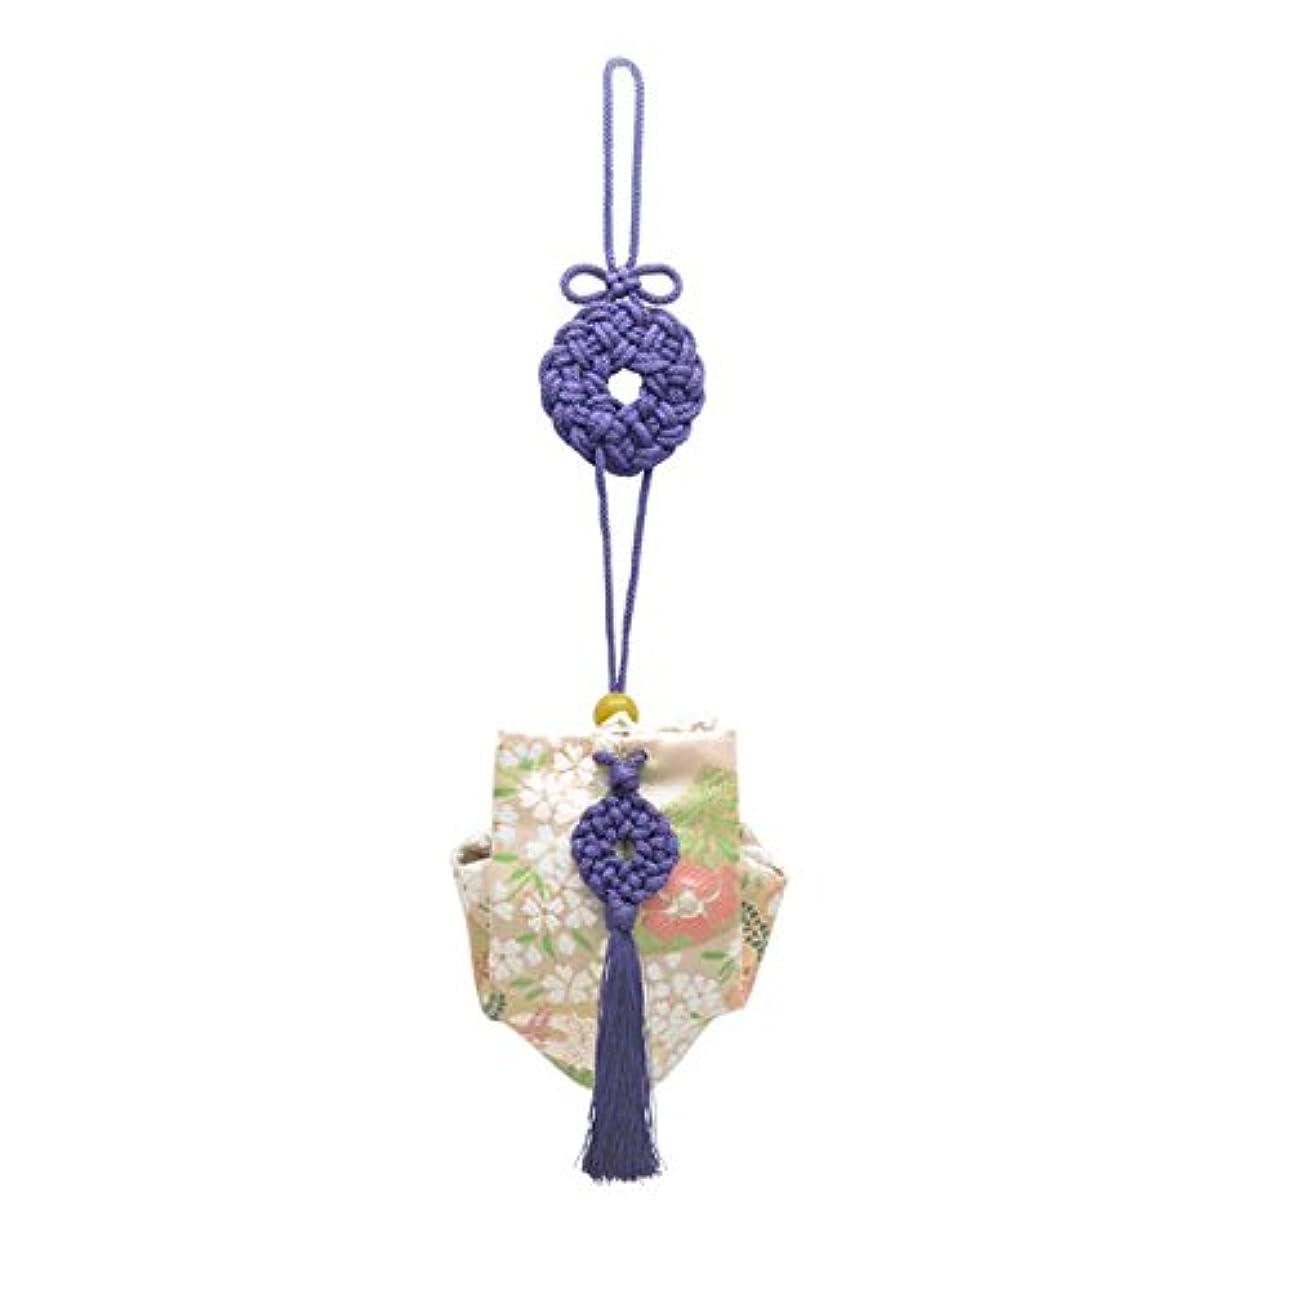 時期尚早残る進化訶梨勒 上品 紙箱入 紫紐/桜に扇面